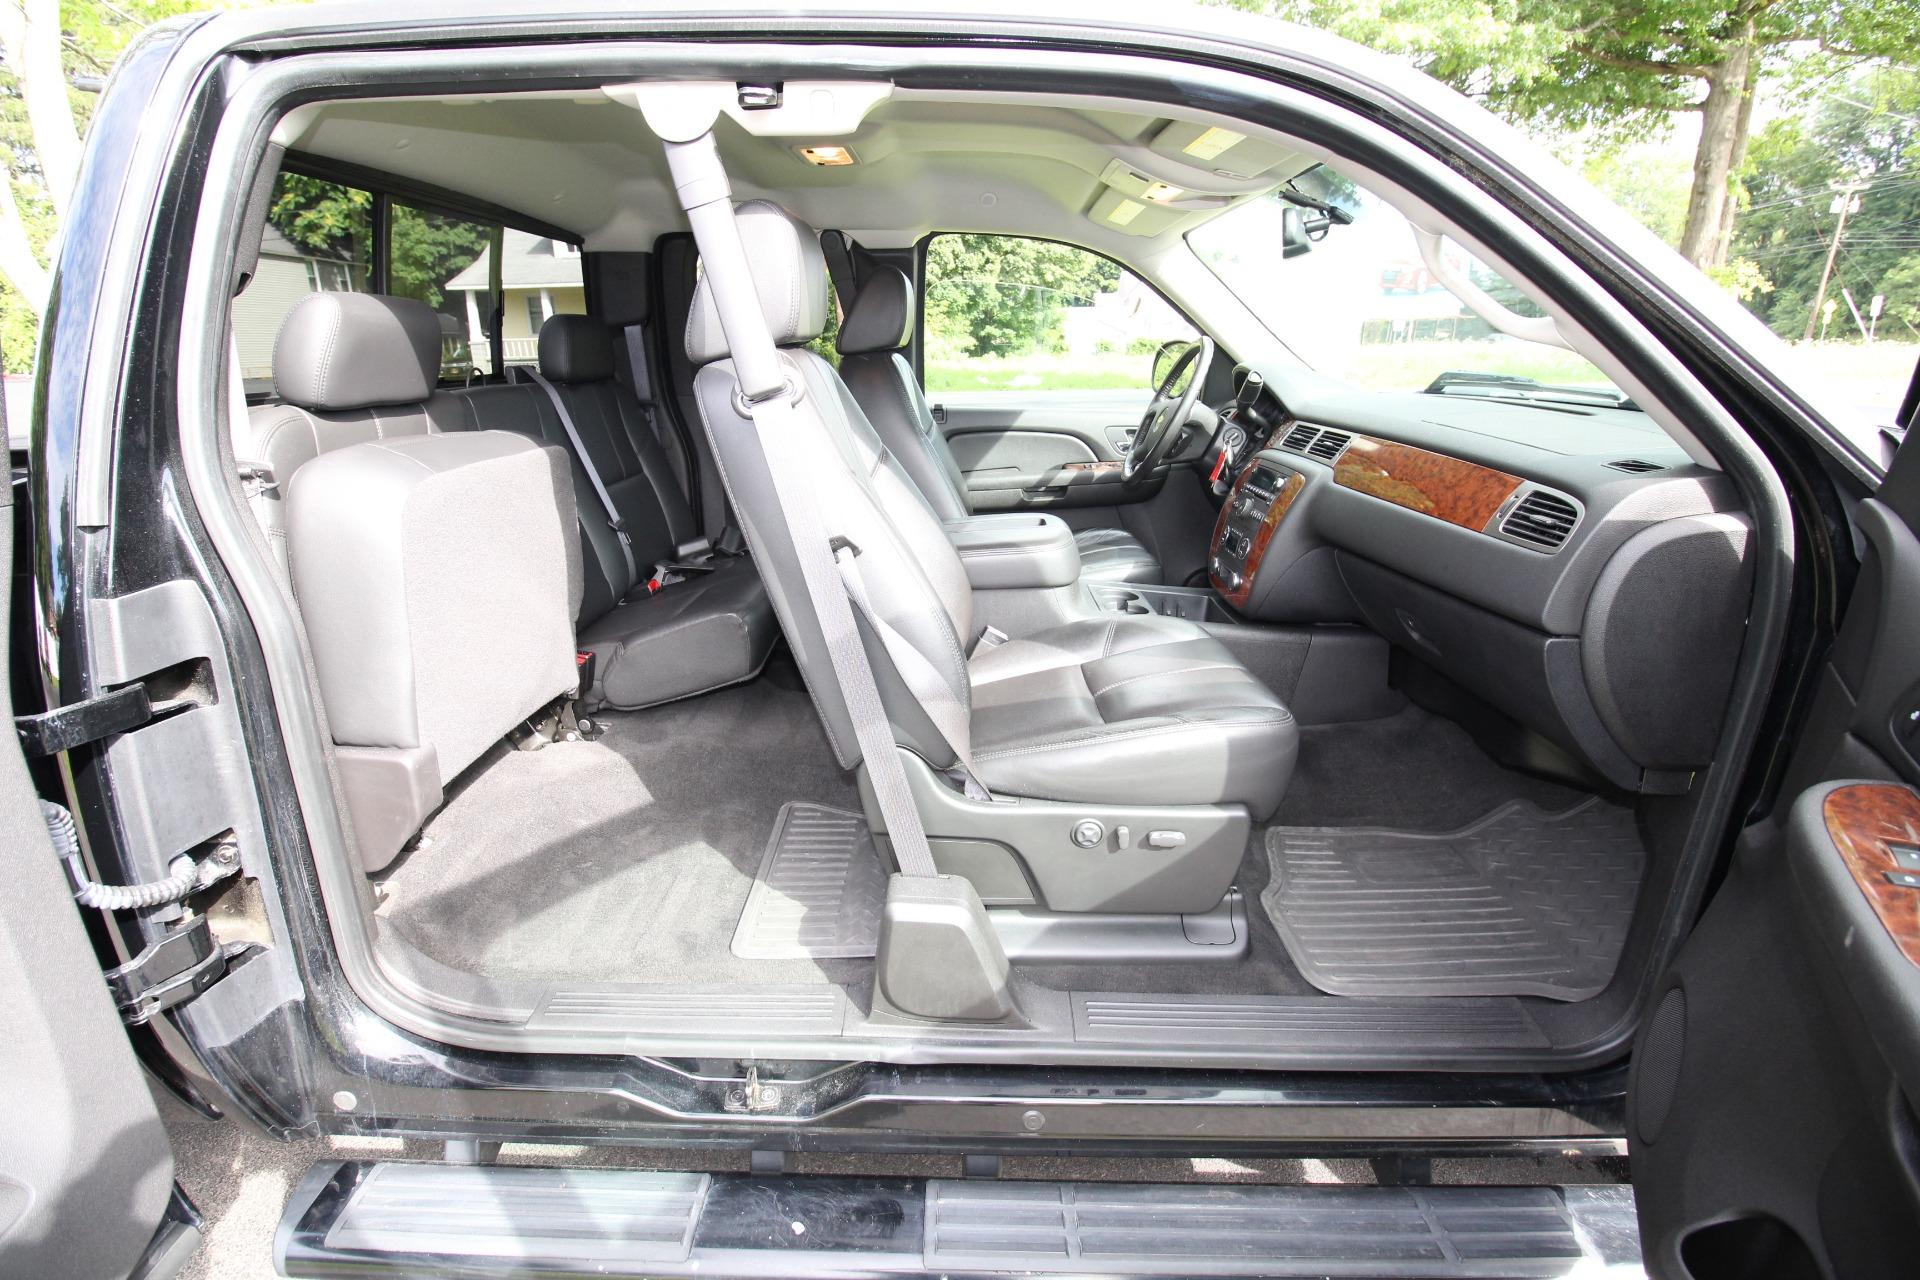 Used 2007 Chevrolet Silverado 2500HD LTZ Ext. Cab 4WD | Albany, NY